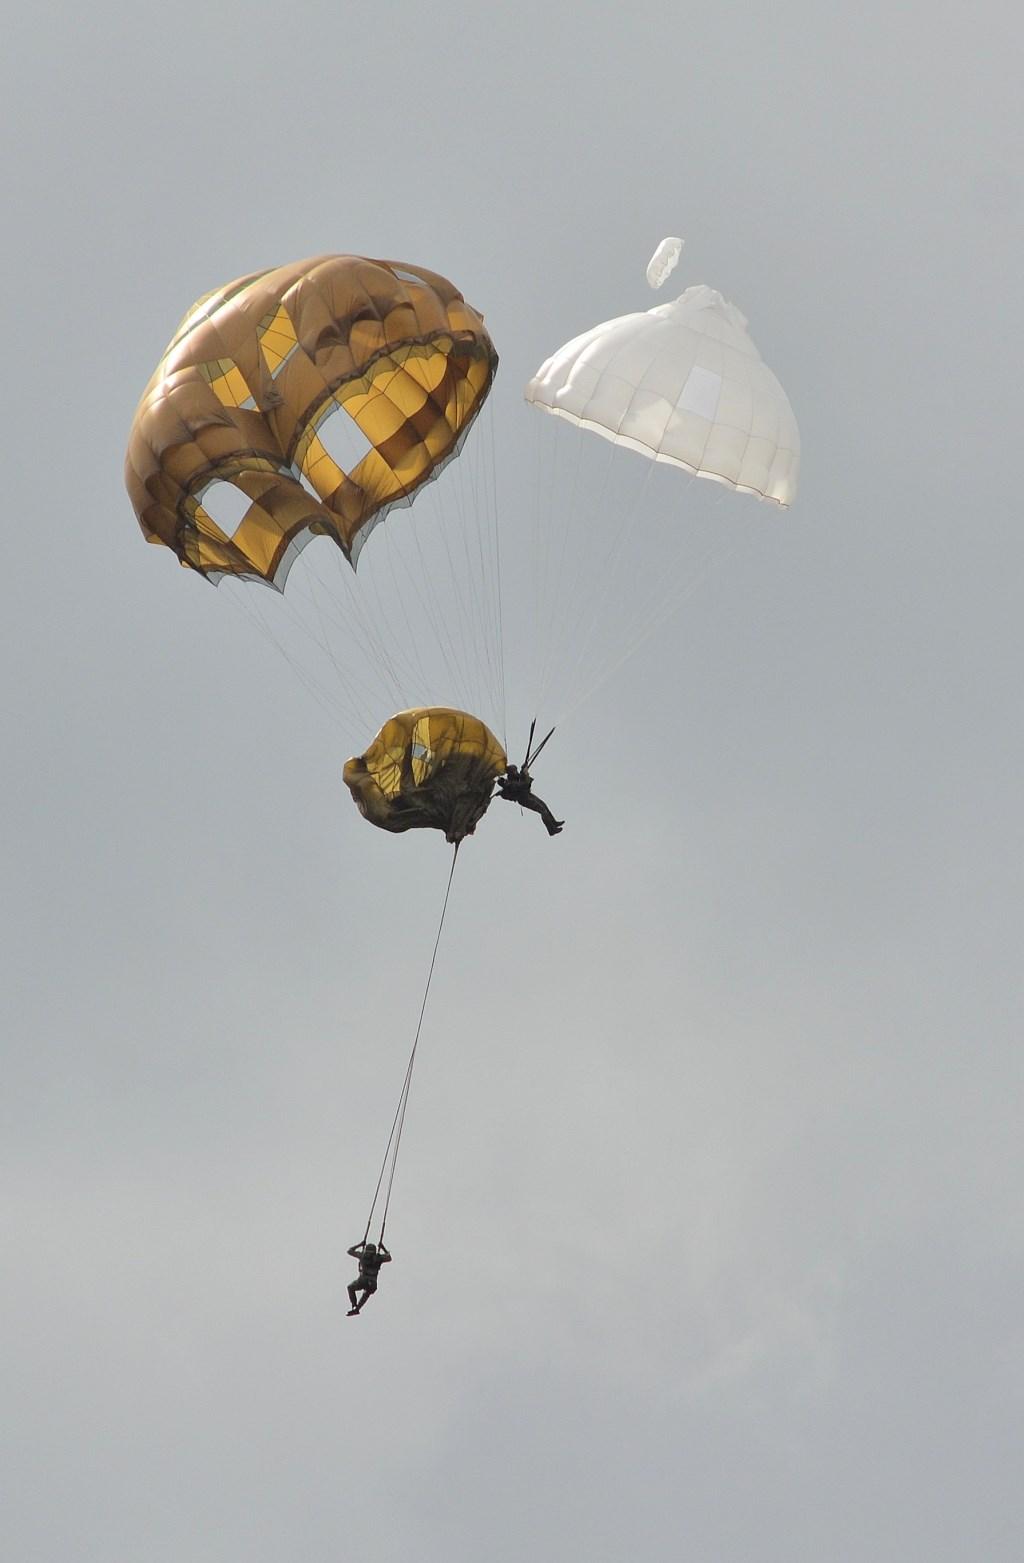 met elkaar in de knel...de noodparachute brengt redding Gerwin van Luttikhuizen © BDU Media